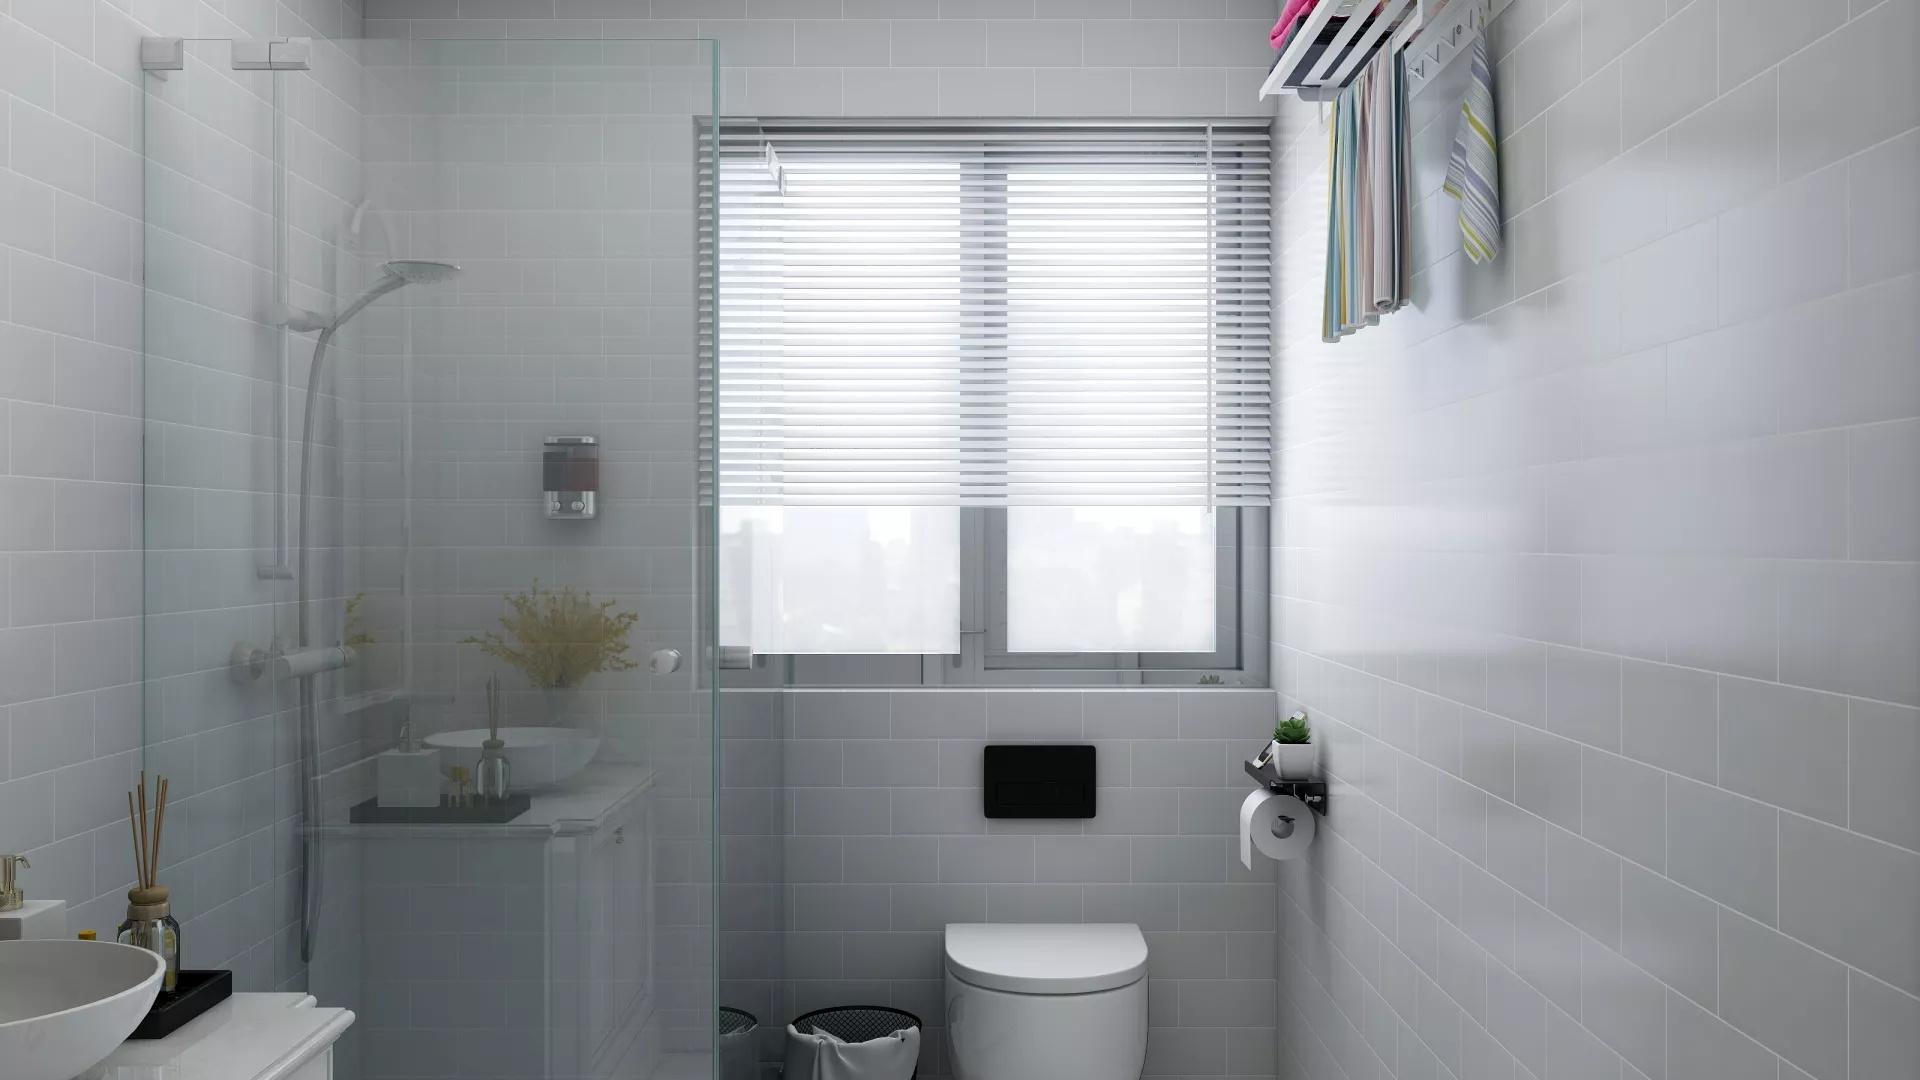 整体浴柜哪个品牌好 整体浴缸品牌排行